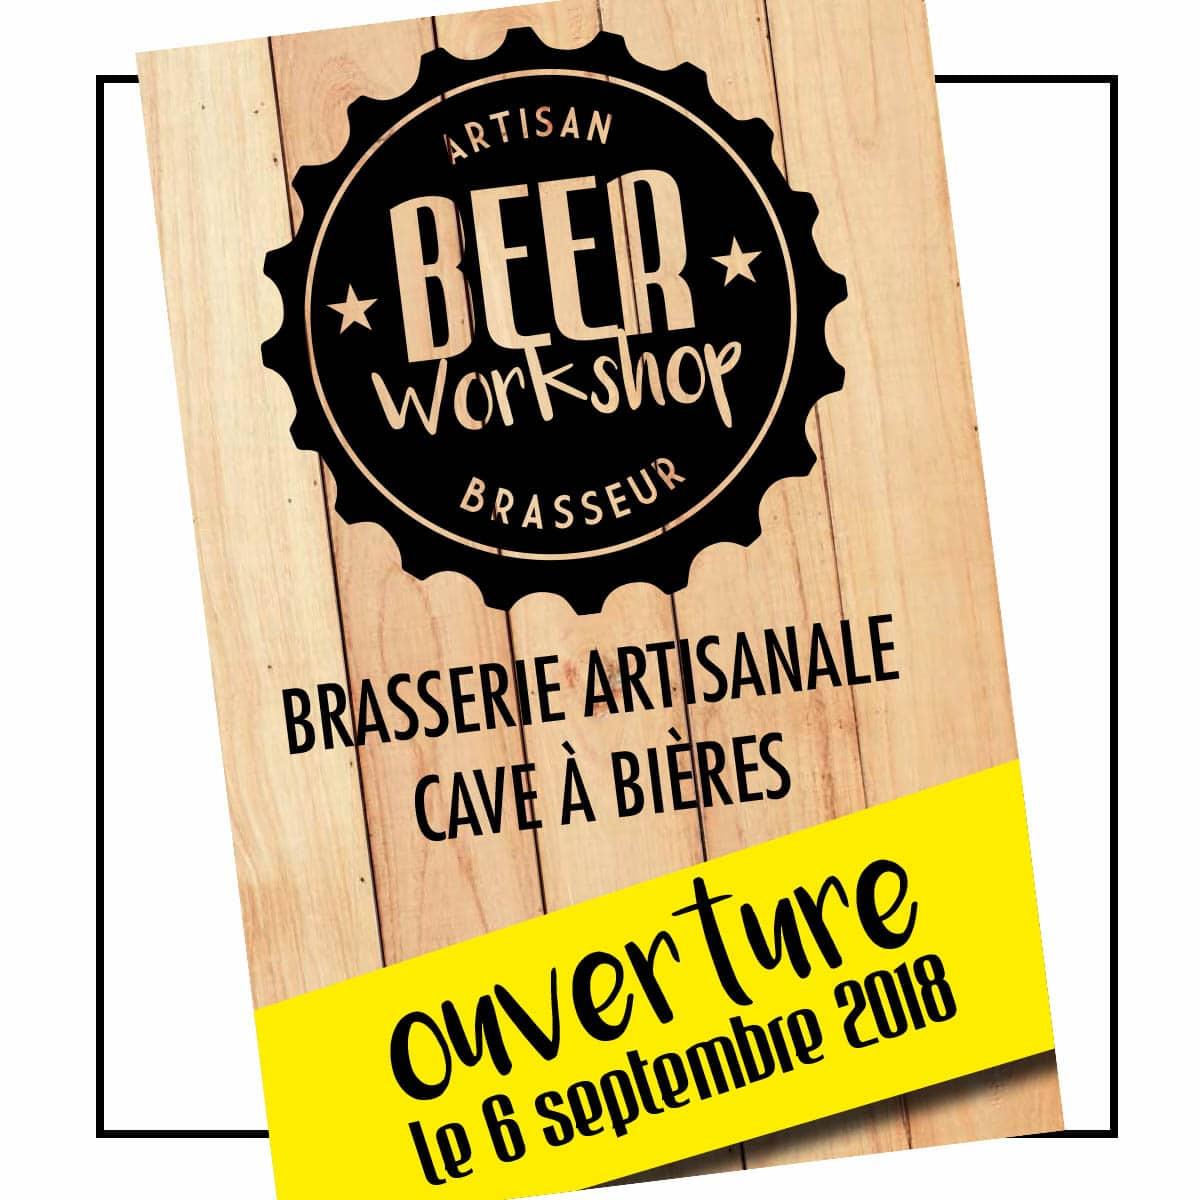 ouverture beerworkshop